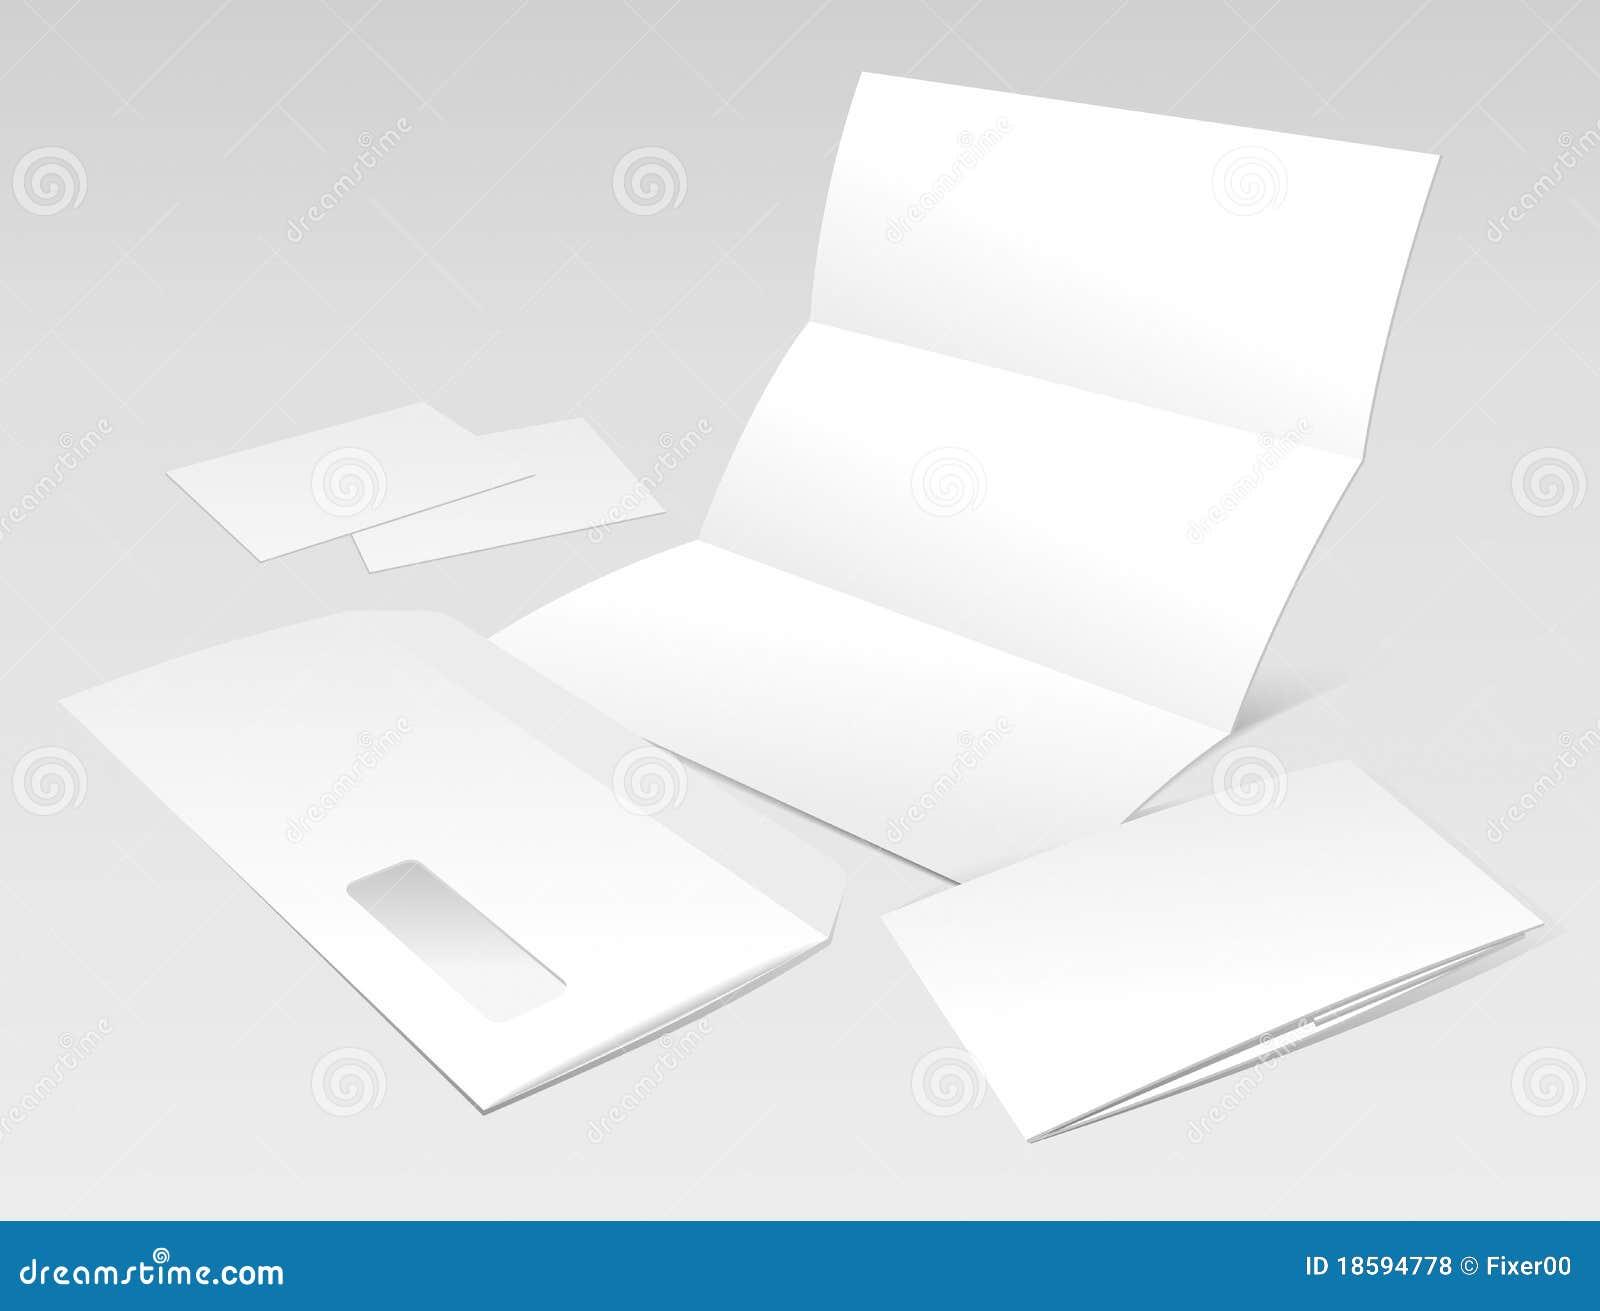 search results for letter envelope format calendar 2015. Black Bedroom Furniture Sets. Home Design Ideas